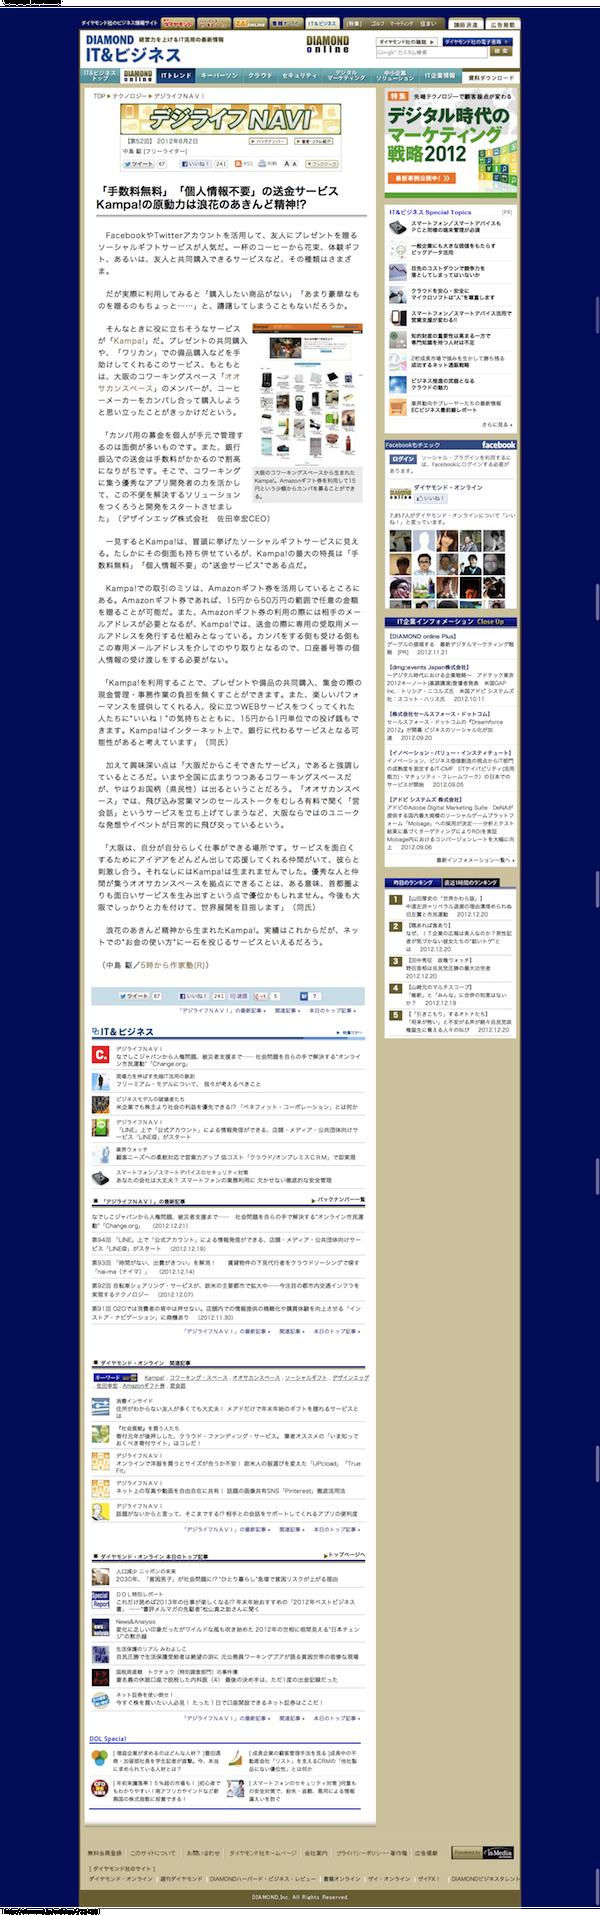 「手数料無料」「個人情報不要」の送金サービス Kampa!の原動力は浪花のあきんど精神! |デジライフNAVI|ダイヤモンド・オンライン